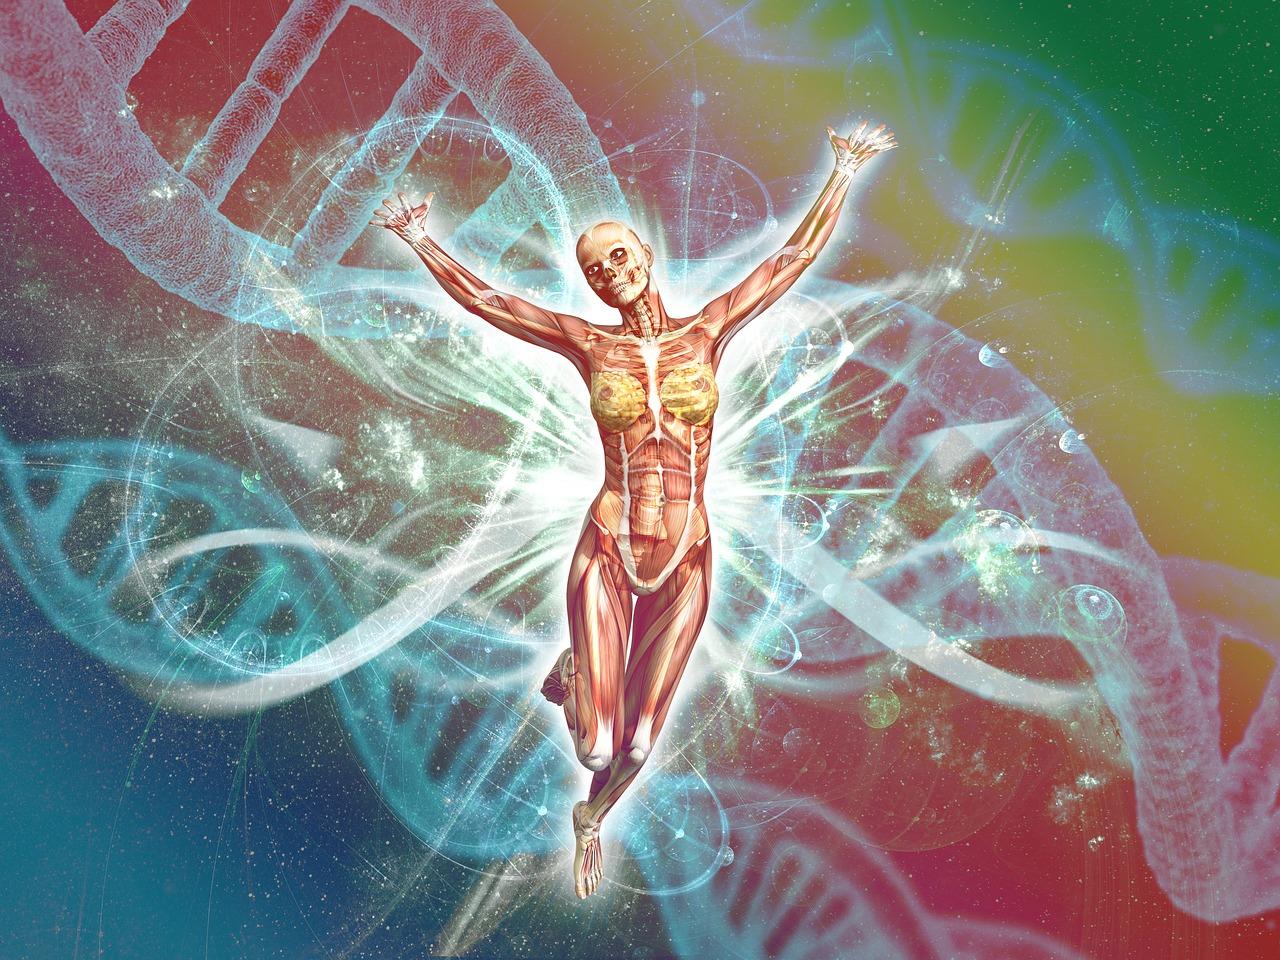 Menschliche Körper, Zellen